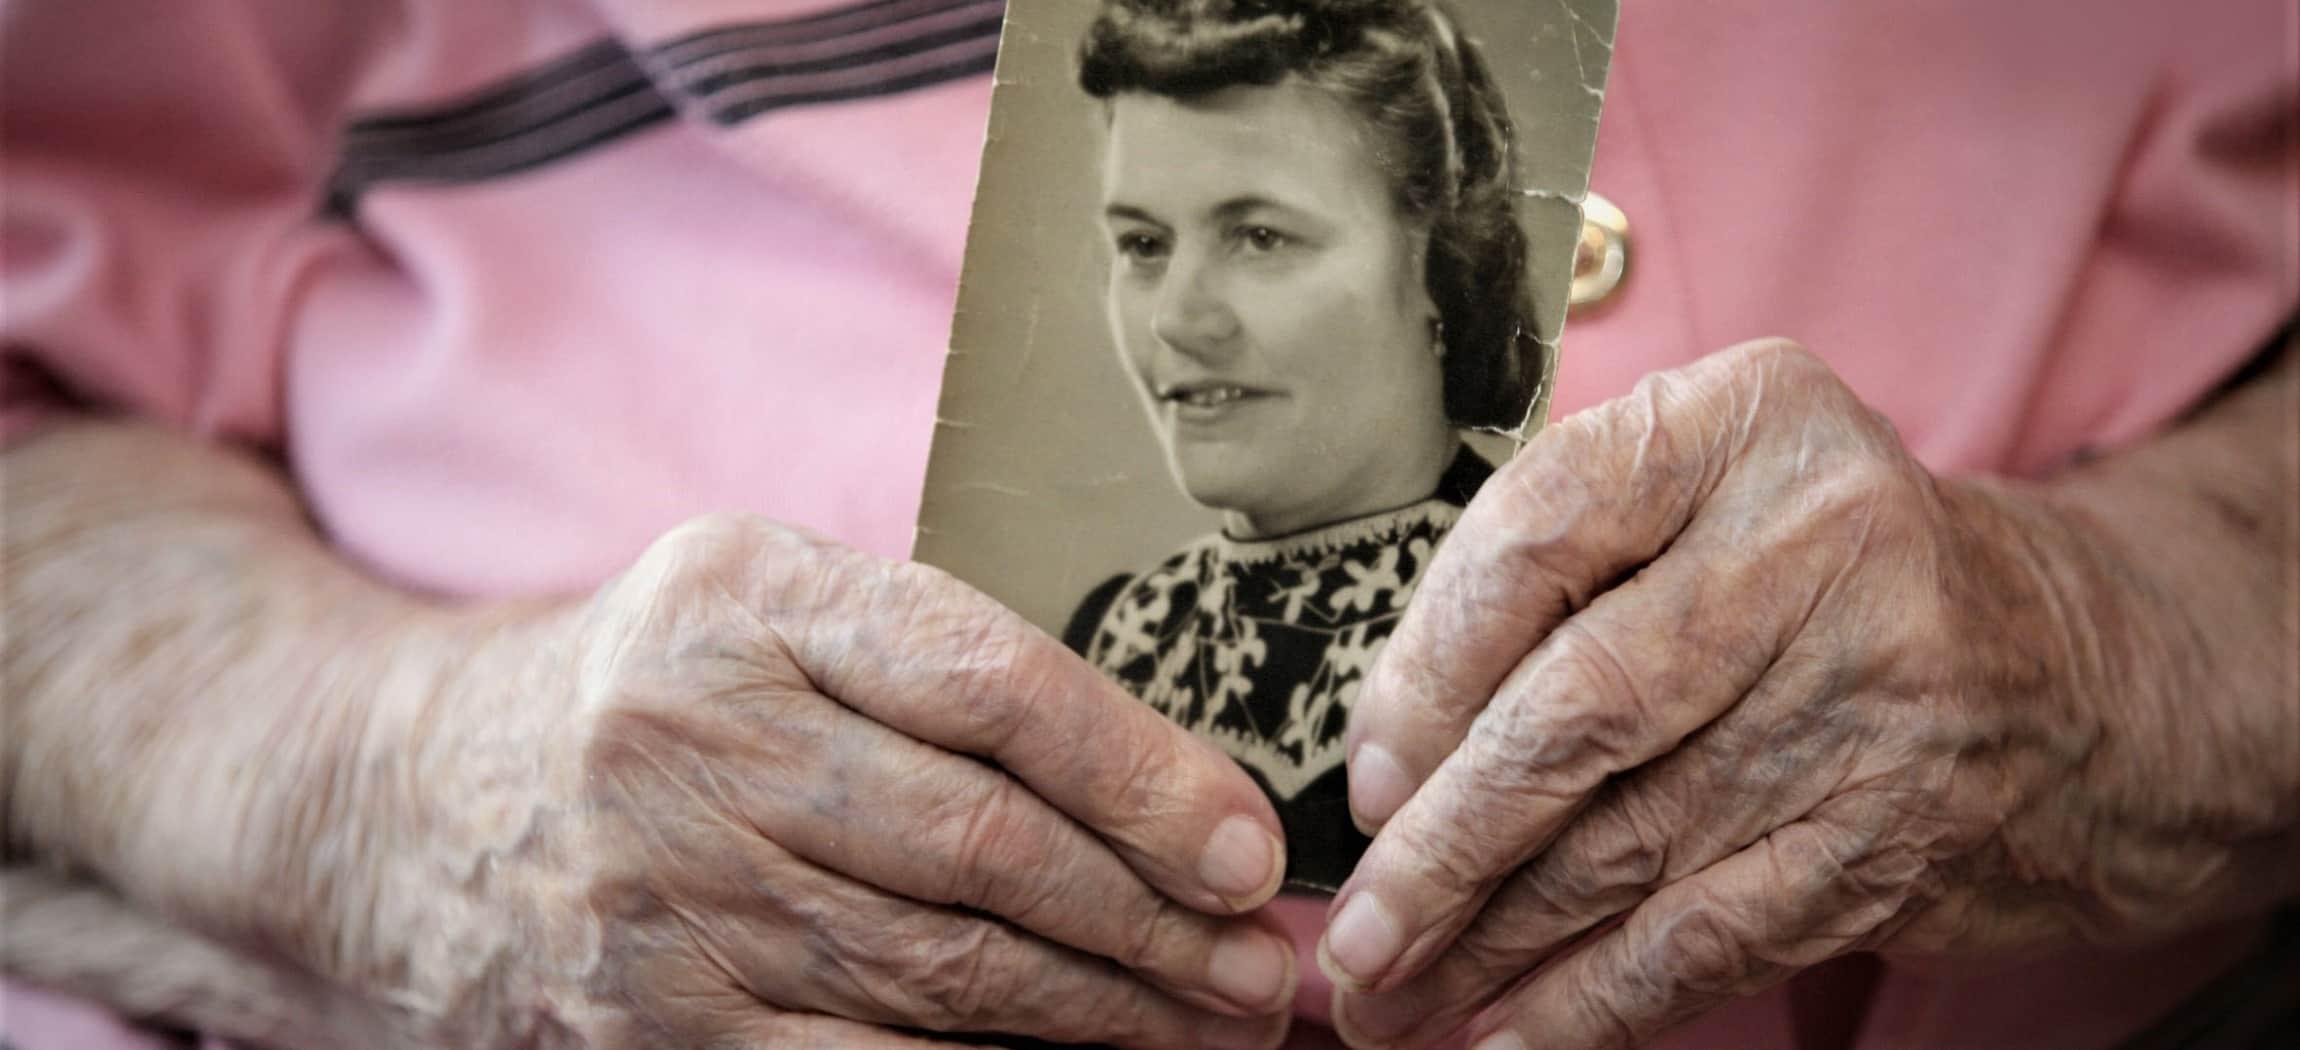 Oude gerimpelde handen houden een klassieke zwart-wit-foto vast, oude vrouw met roze blouse